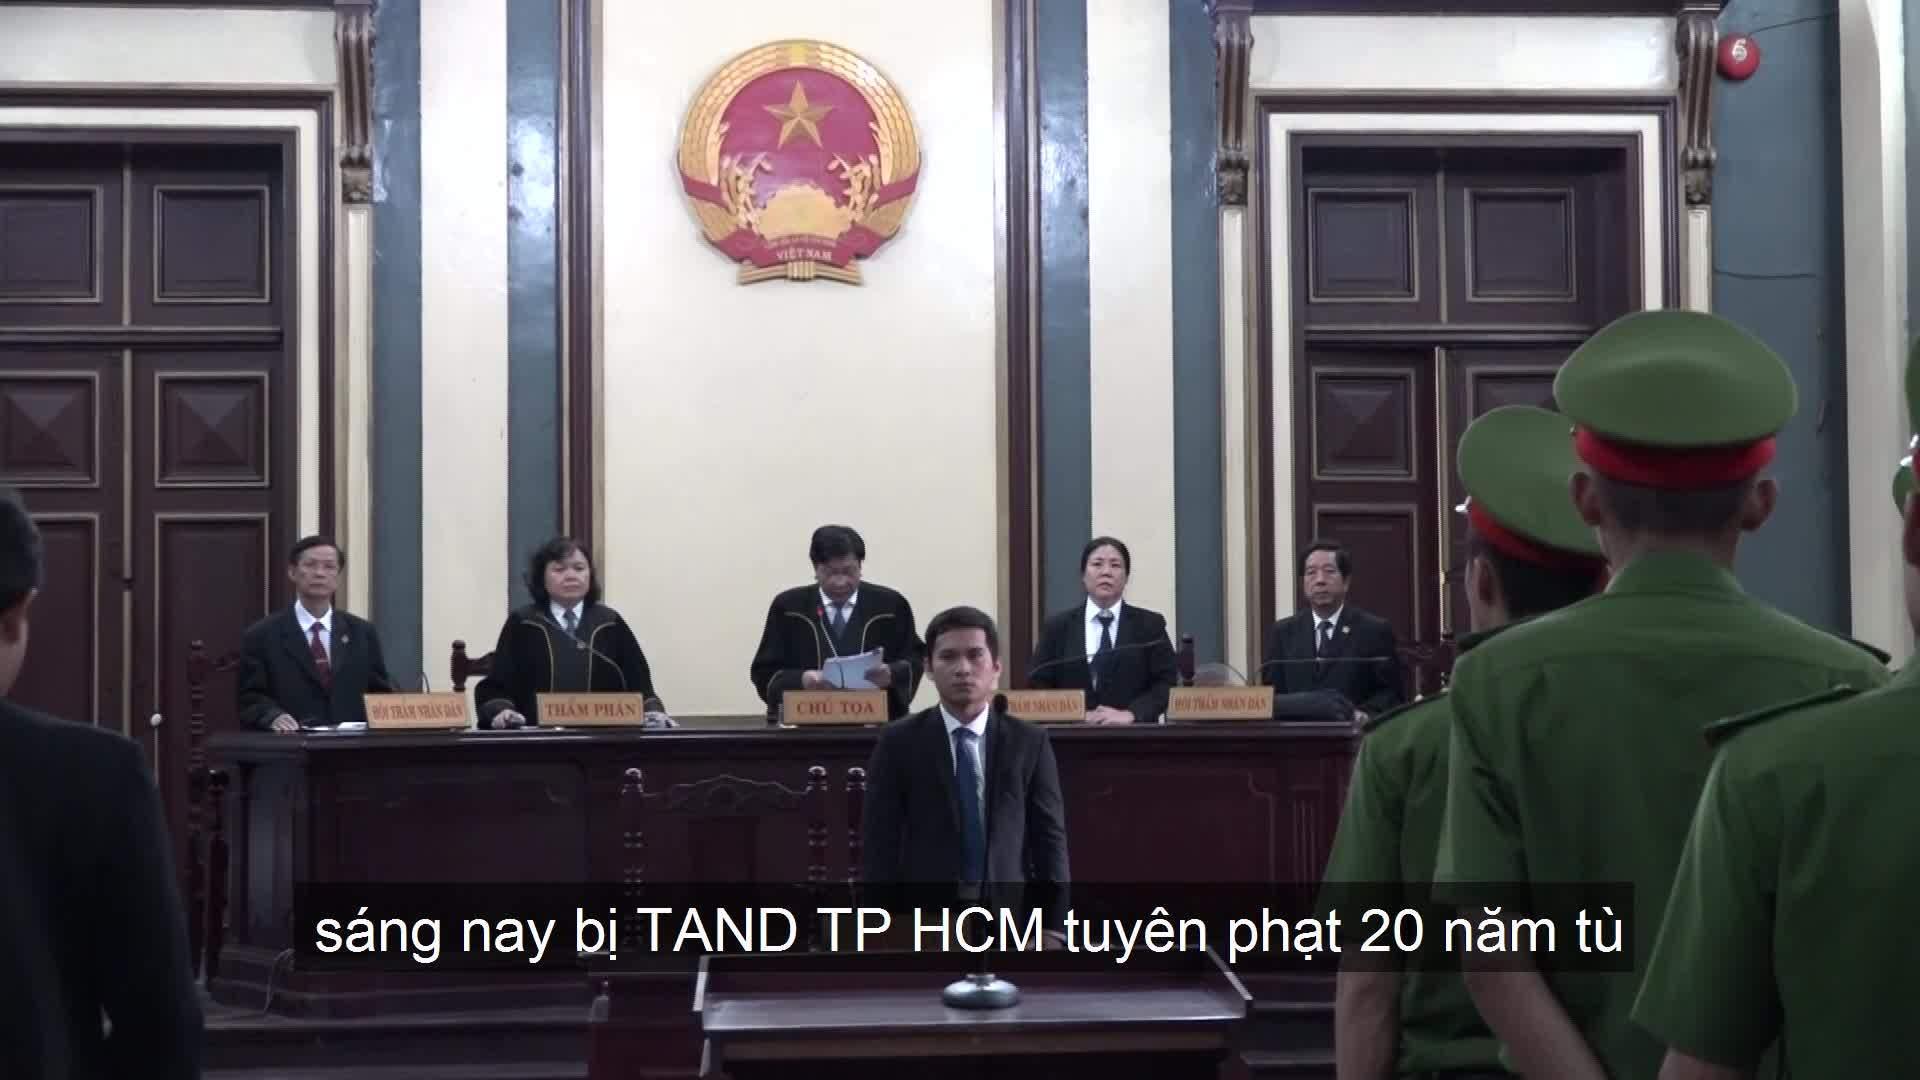 Ông Phạm Công Danh lĩnh 20 năm tù